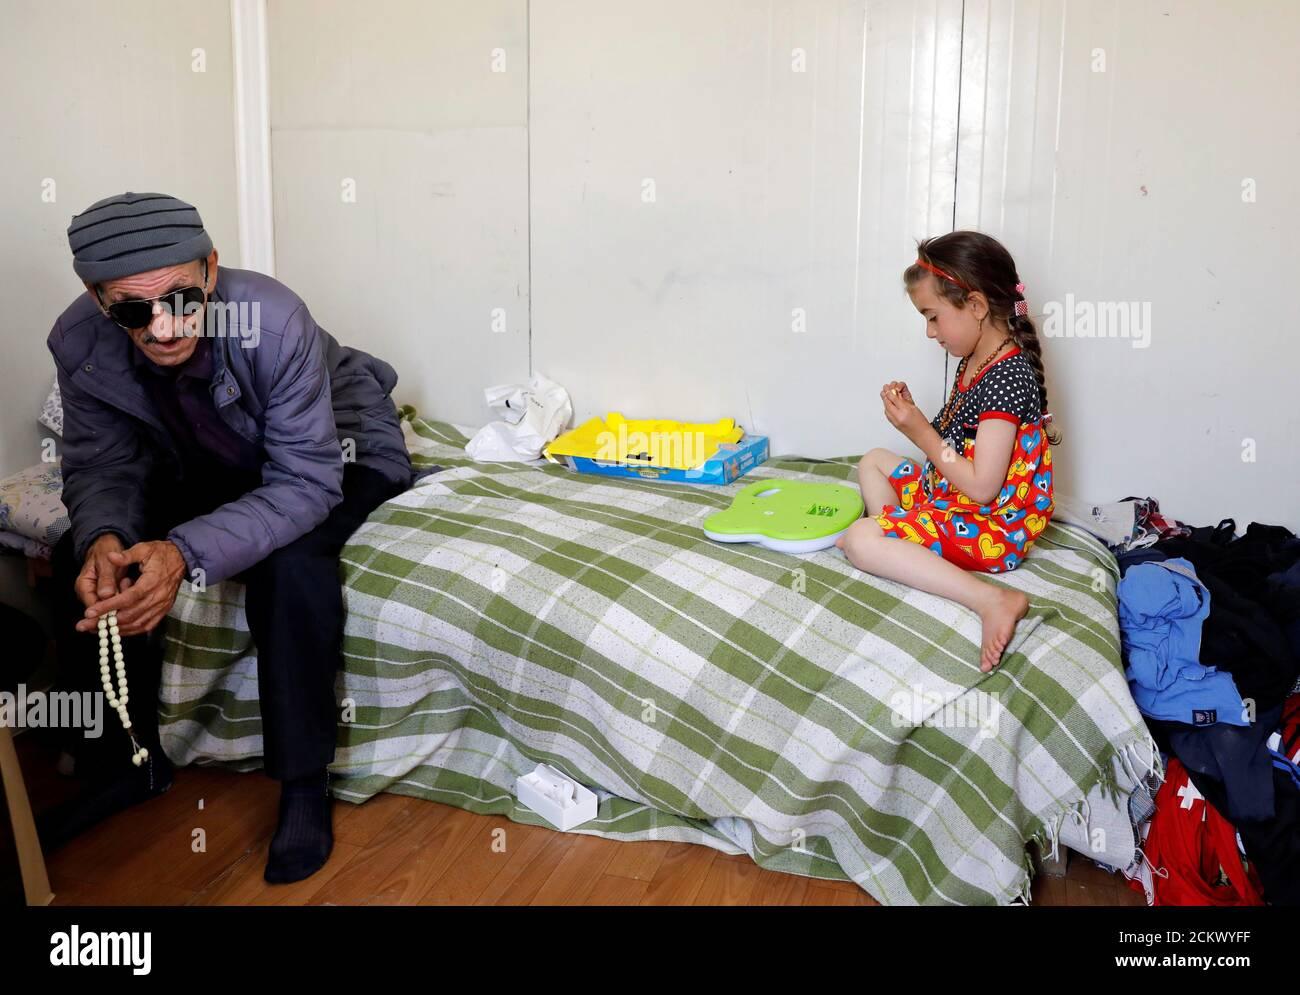 La iraquí Christina Ezzo Abada, ex rehén de militantes del Estado Islámico durante tres años, juega cerca de su padre ciego después de reunirse con su familia en una casa estrecha en un campamento de refugiados en Erbil, Irak el 10 de junio de 2017. REUTERS/Erik de Castro Foto de stock